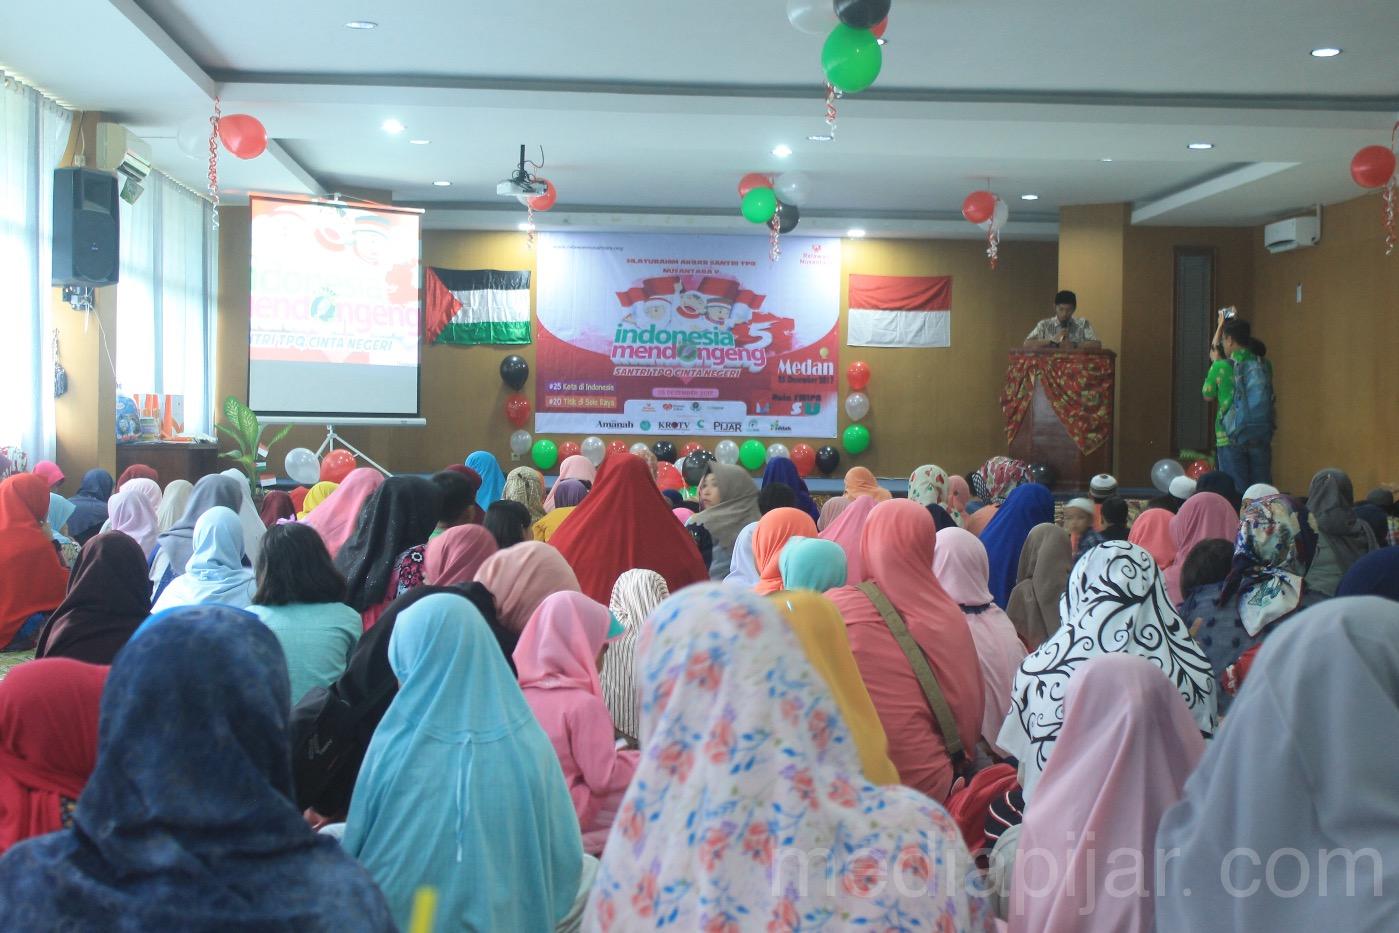 Suasana Kegiatan Indonesia Mendongeng yang berlangsung di Aula FMIPA pada Senin,(25/12). (Fotografer: Lucky Andriansyah)